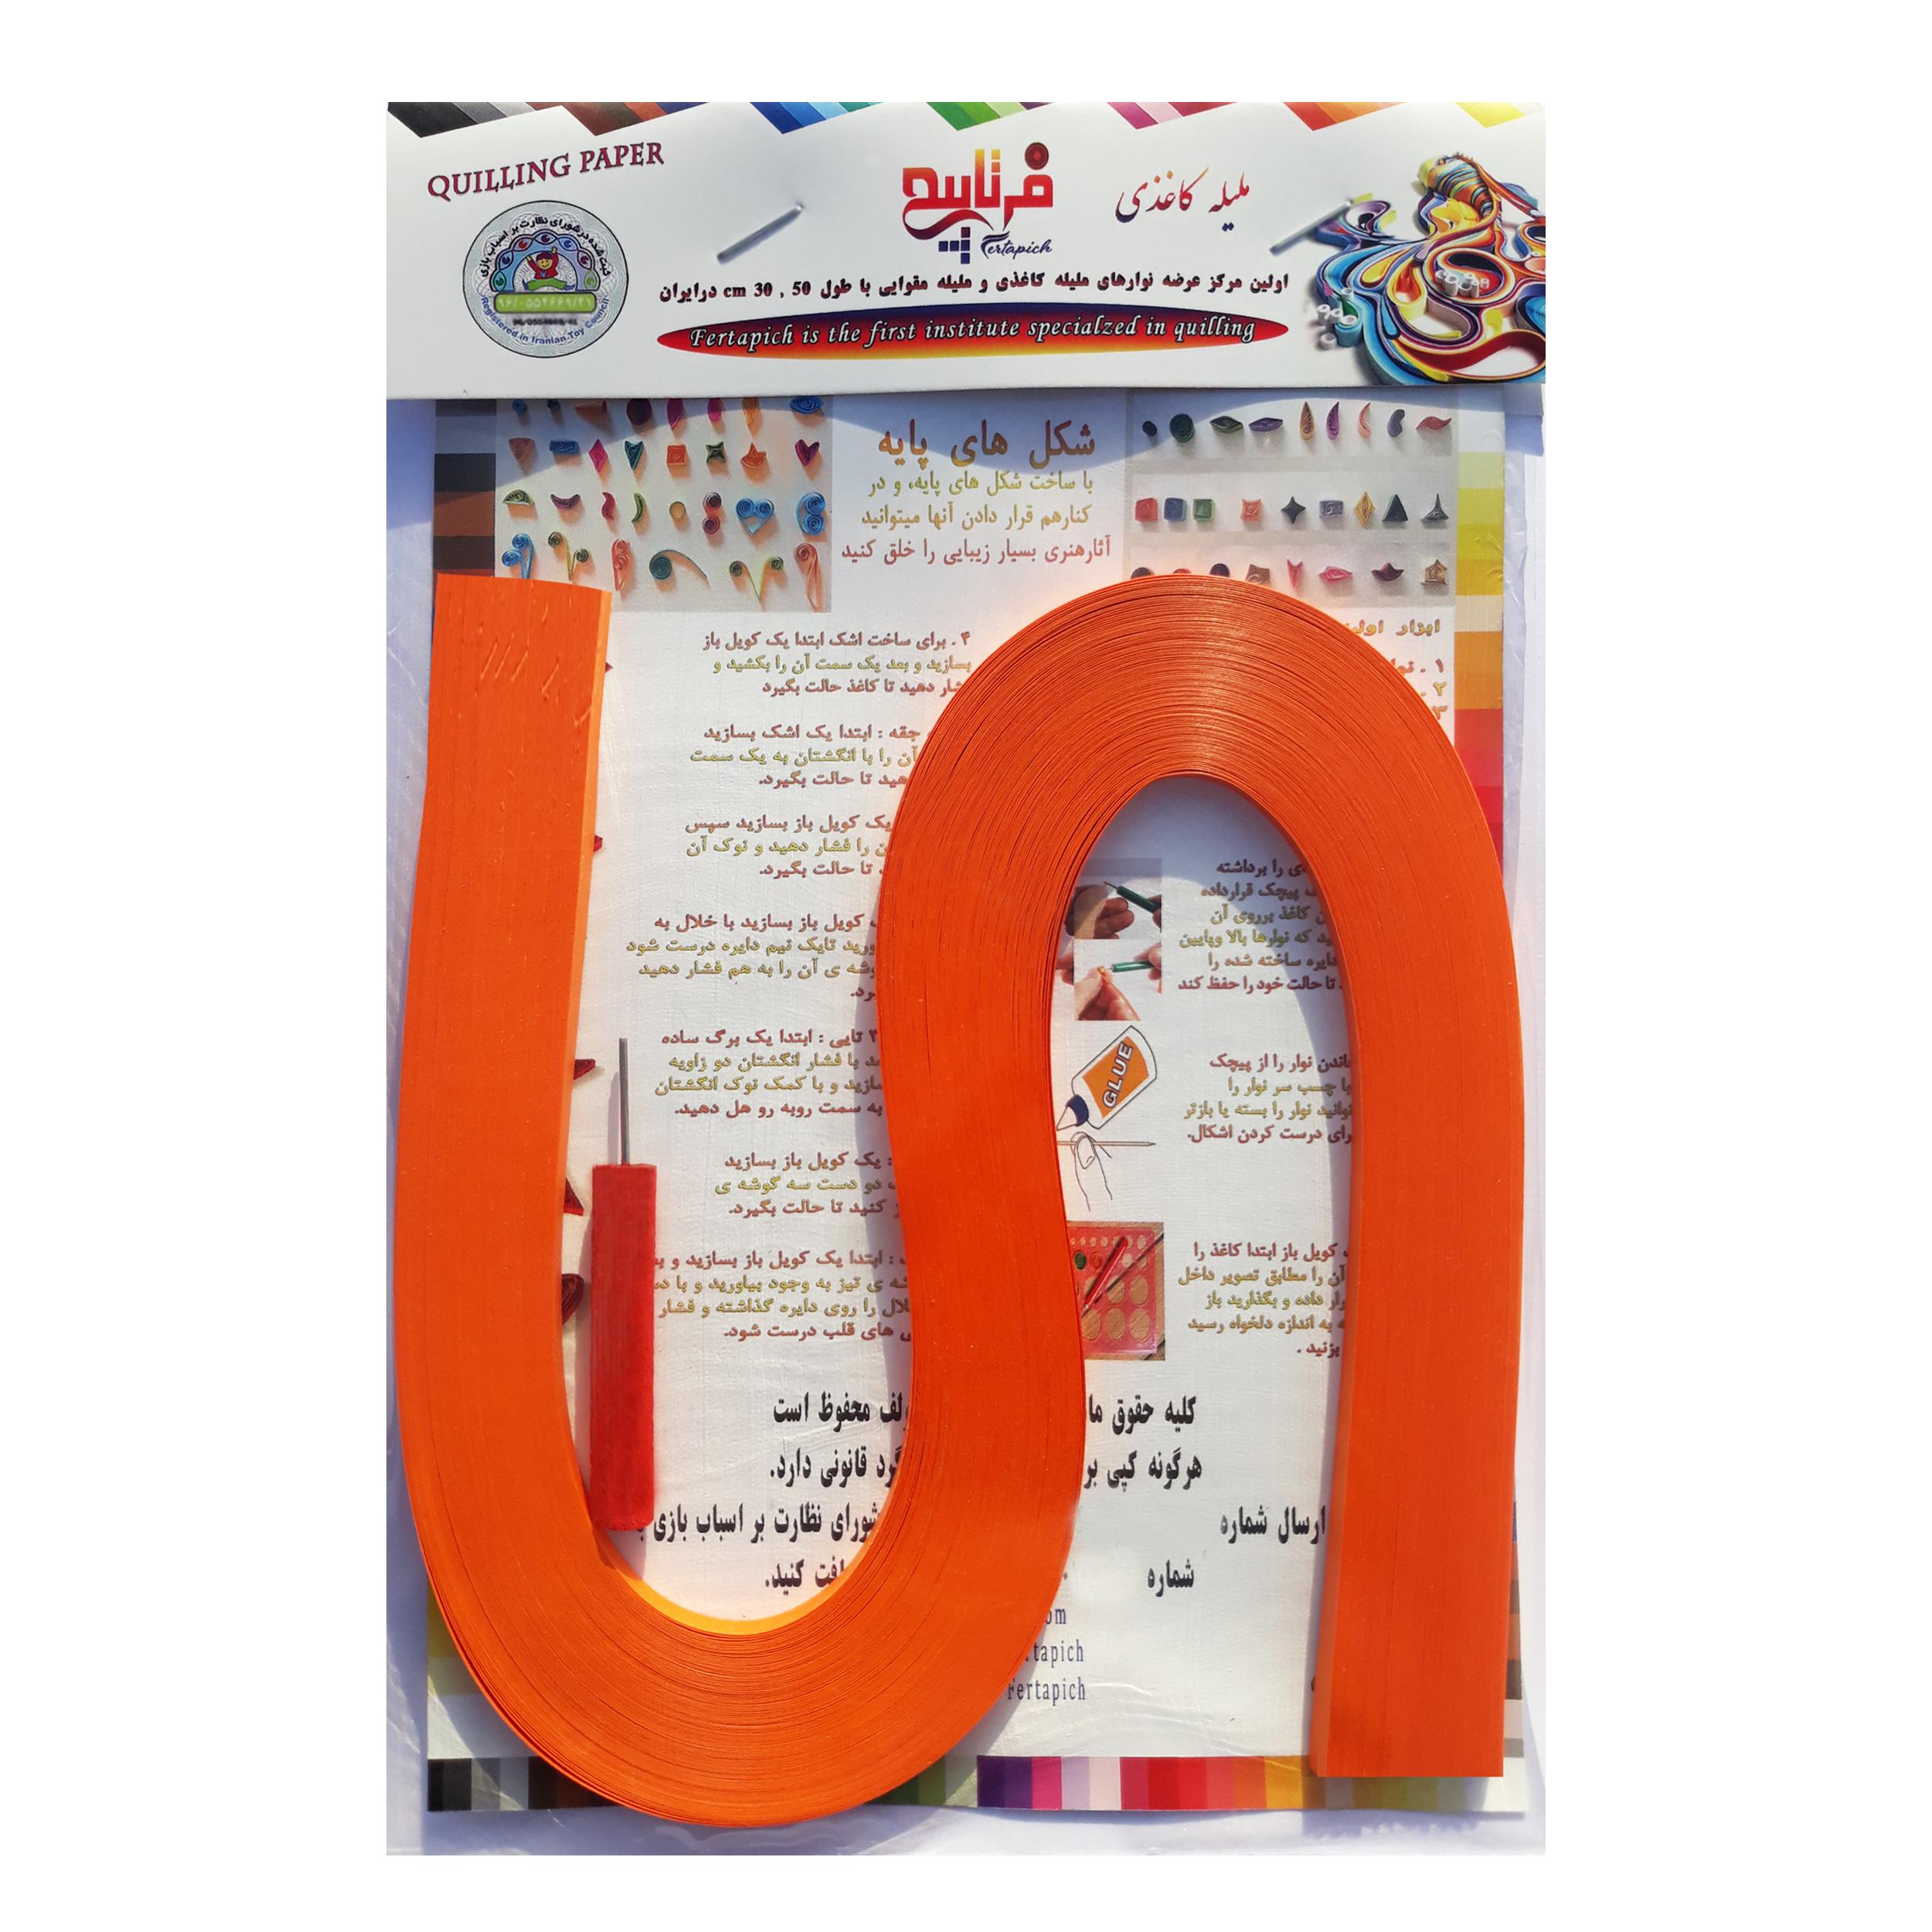 نوار ملیله کاغذی فرتاپیچ کد 01 بسته 100 عددی همراه پیچک